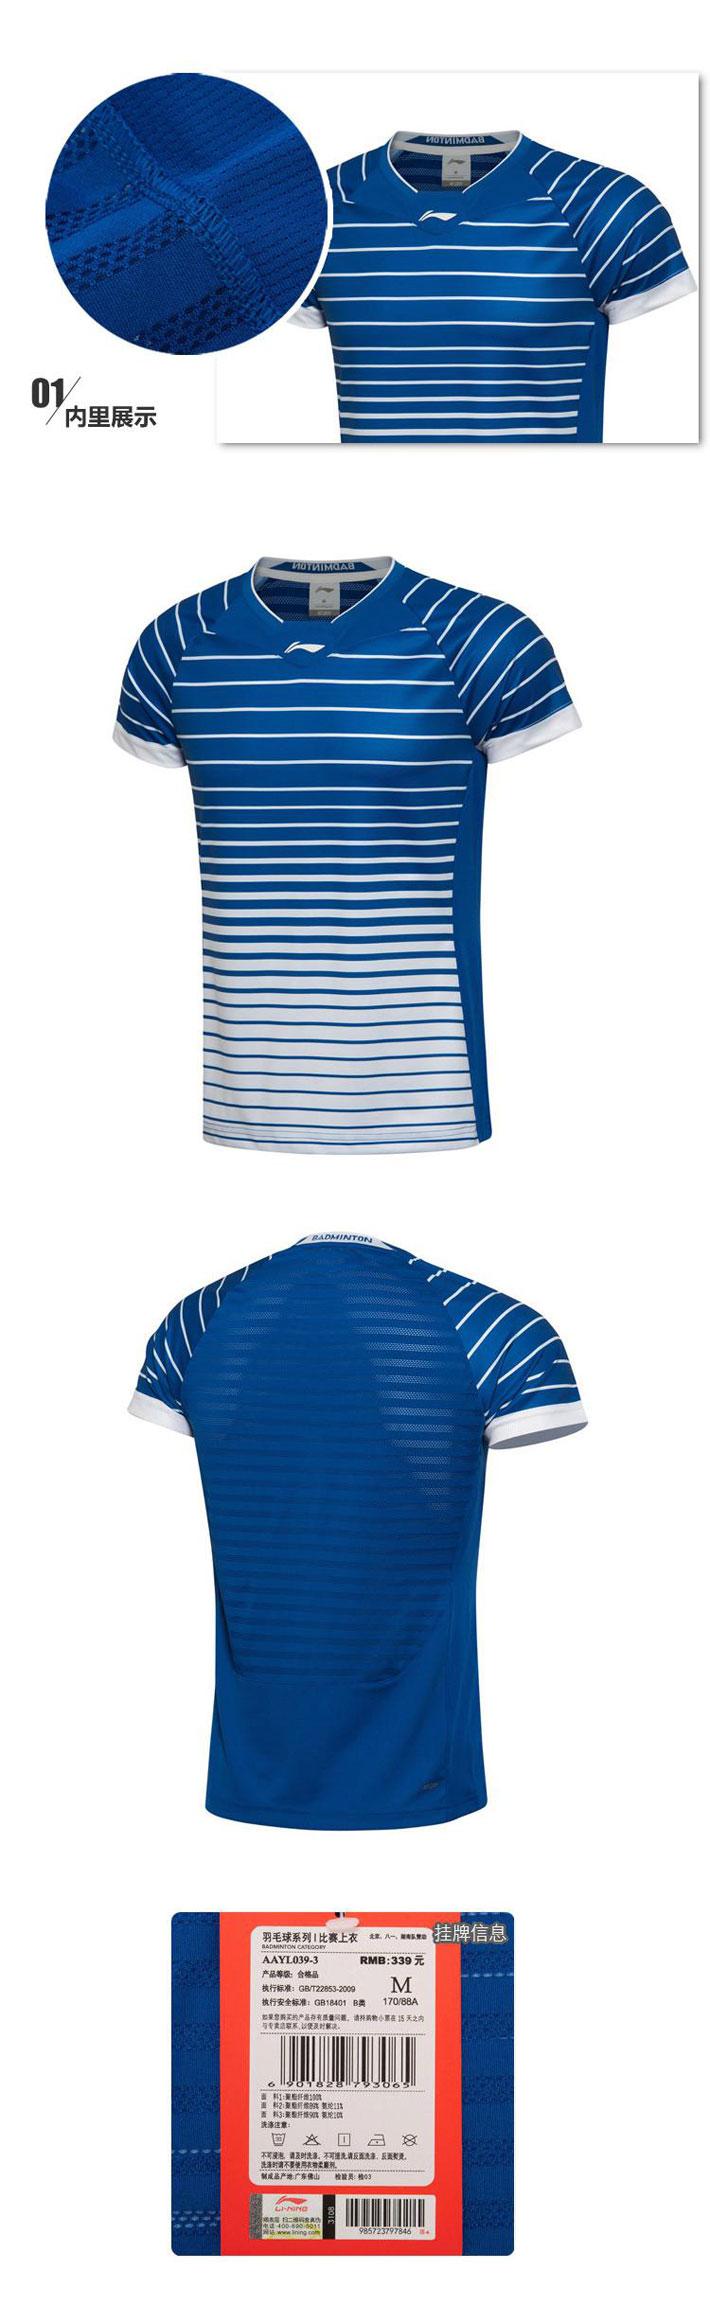 李寧 AAYL039-3 男款羽毛球 比賽上衣 羽毛球服 夢幻藍